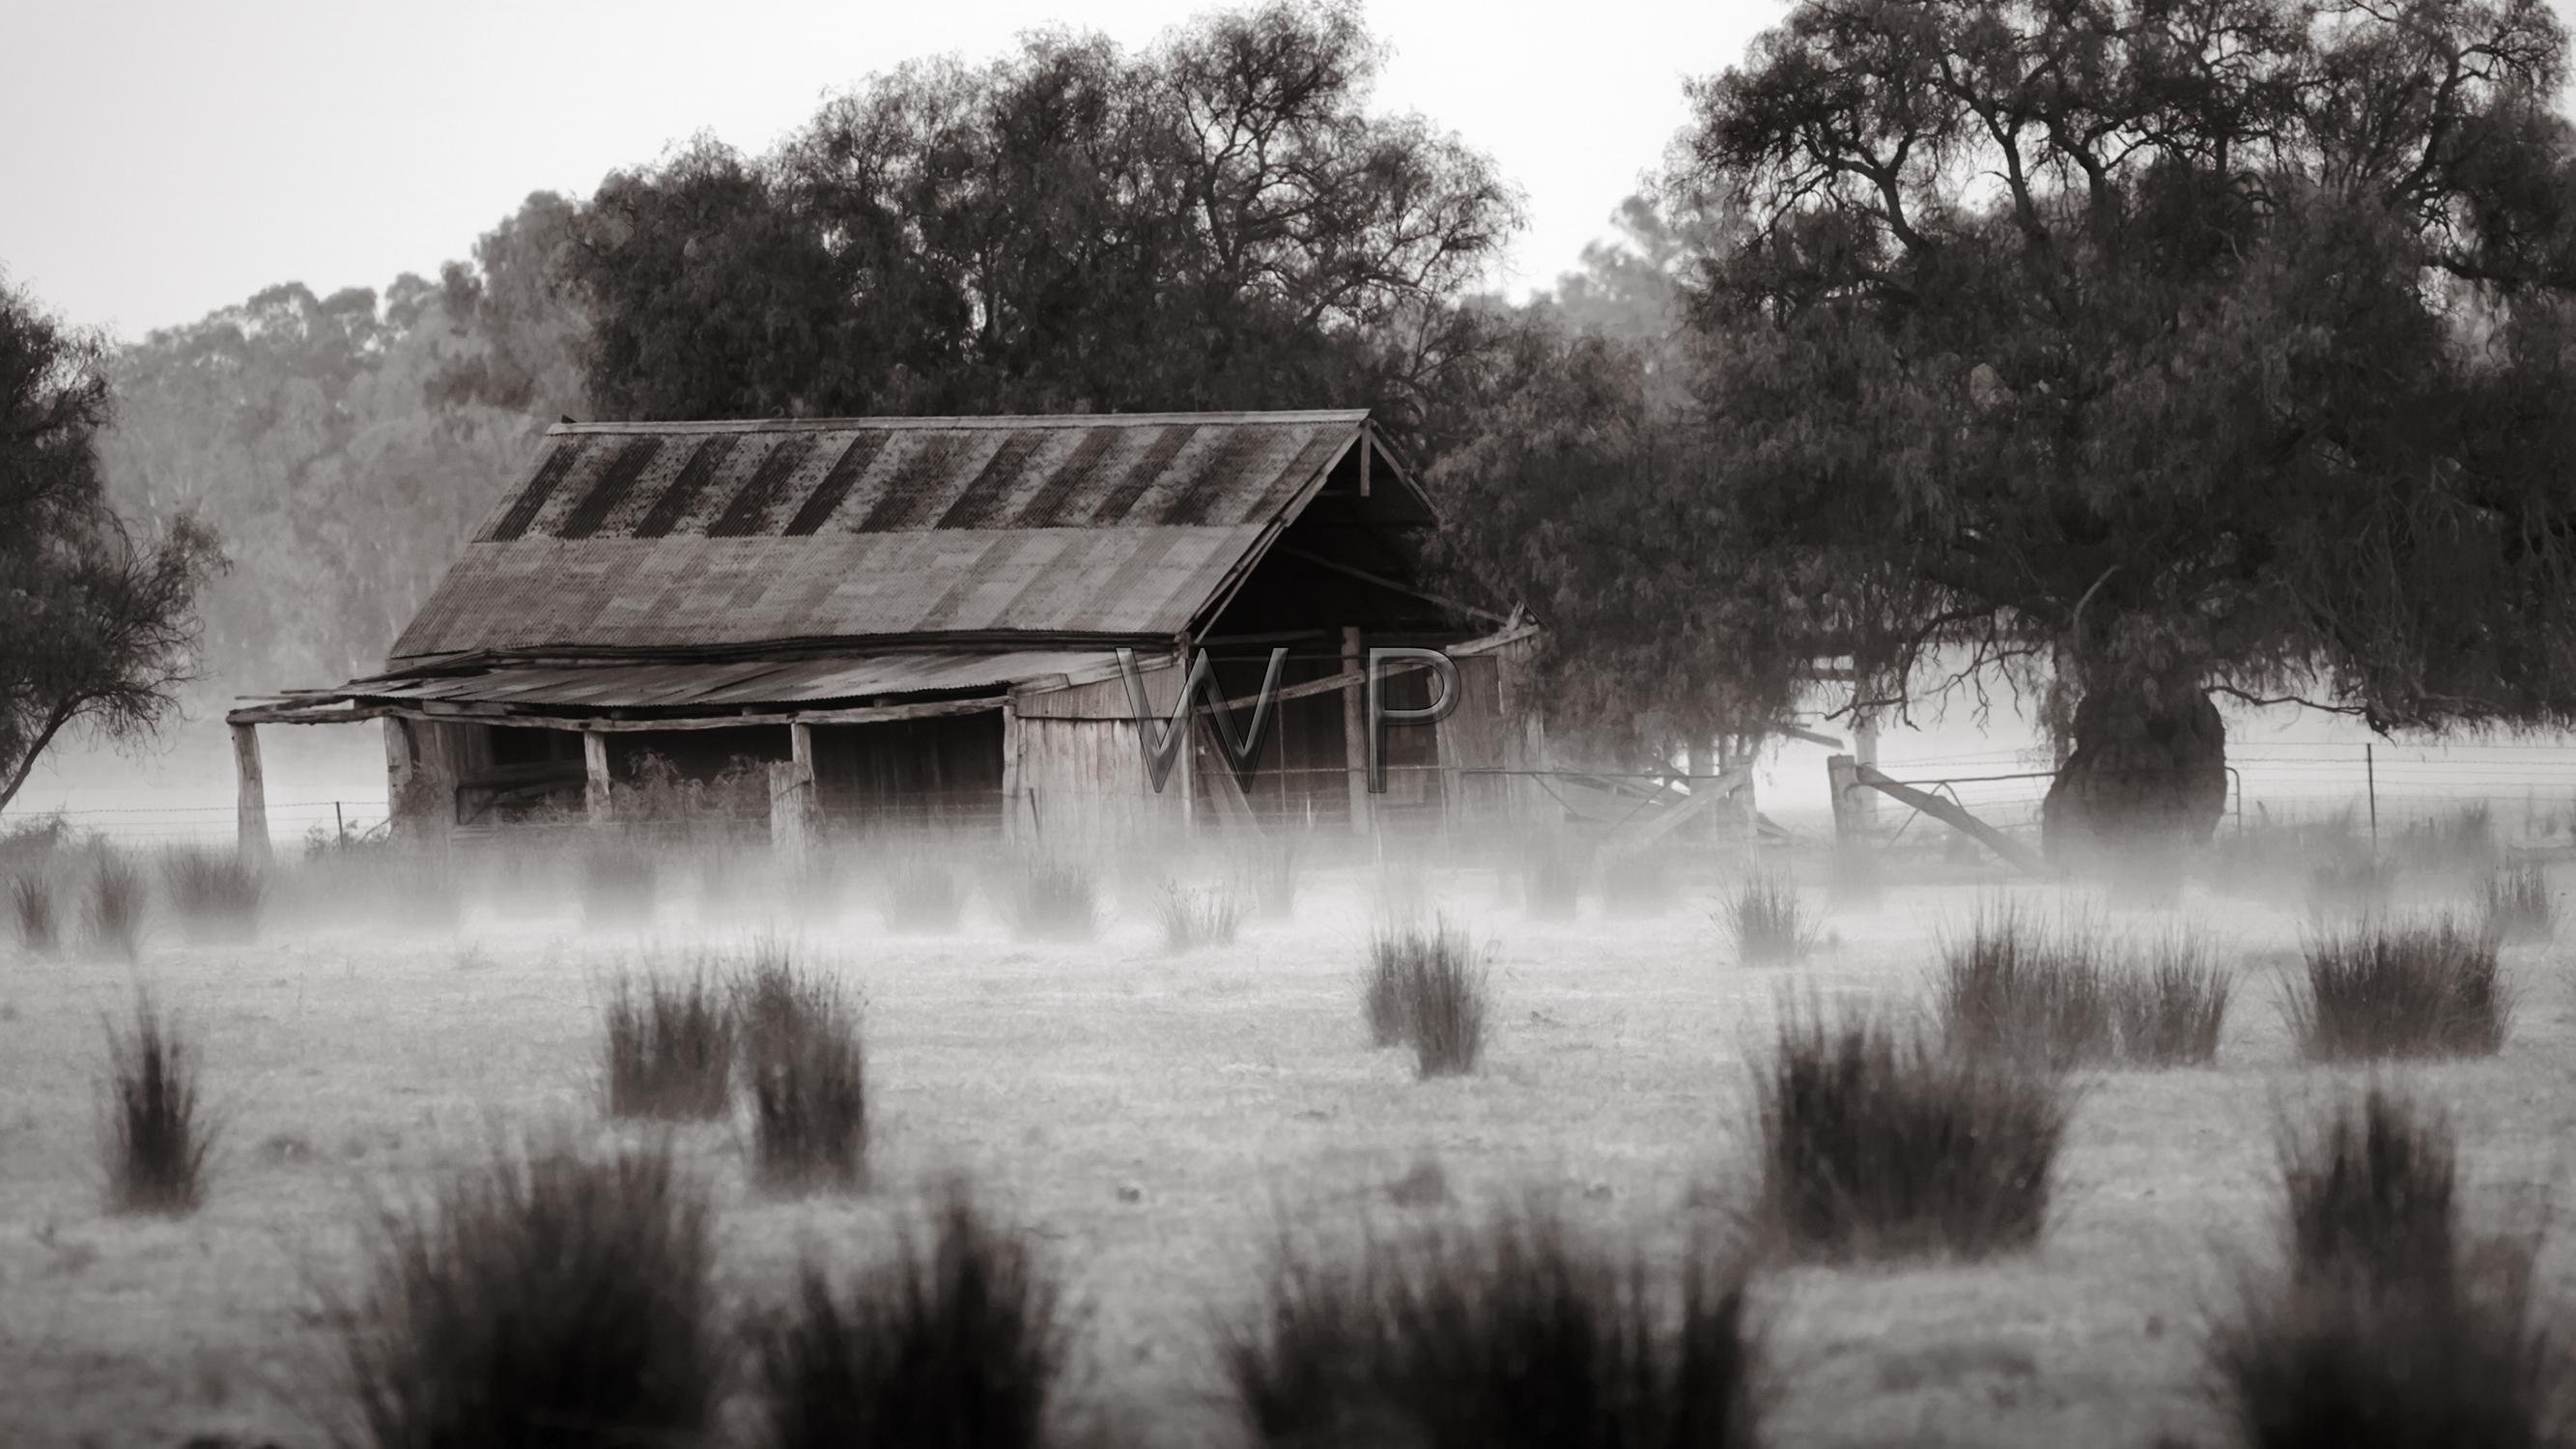 Misty Shed